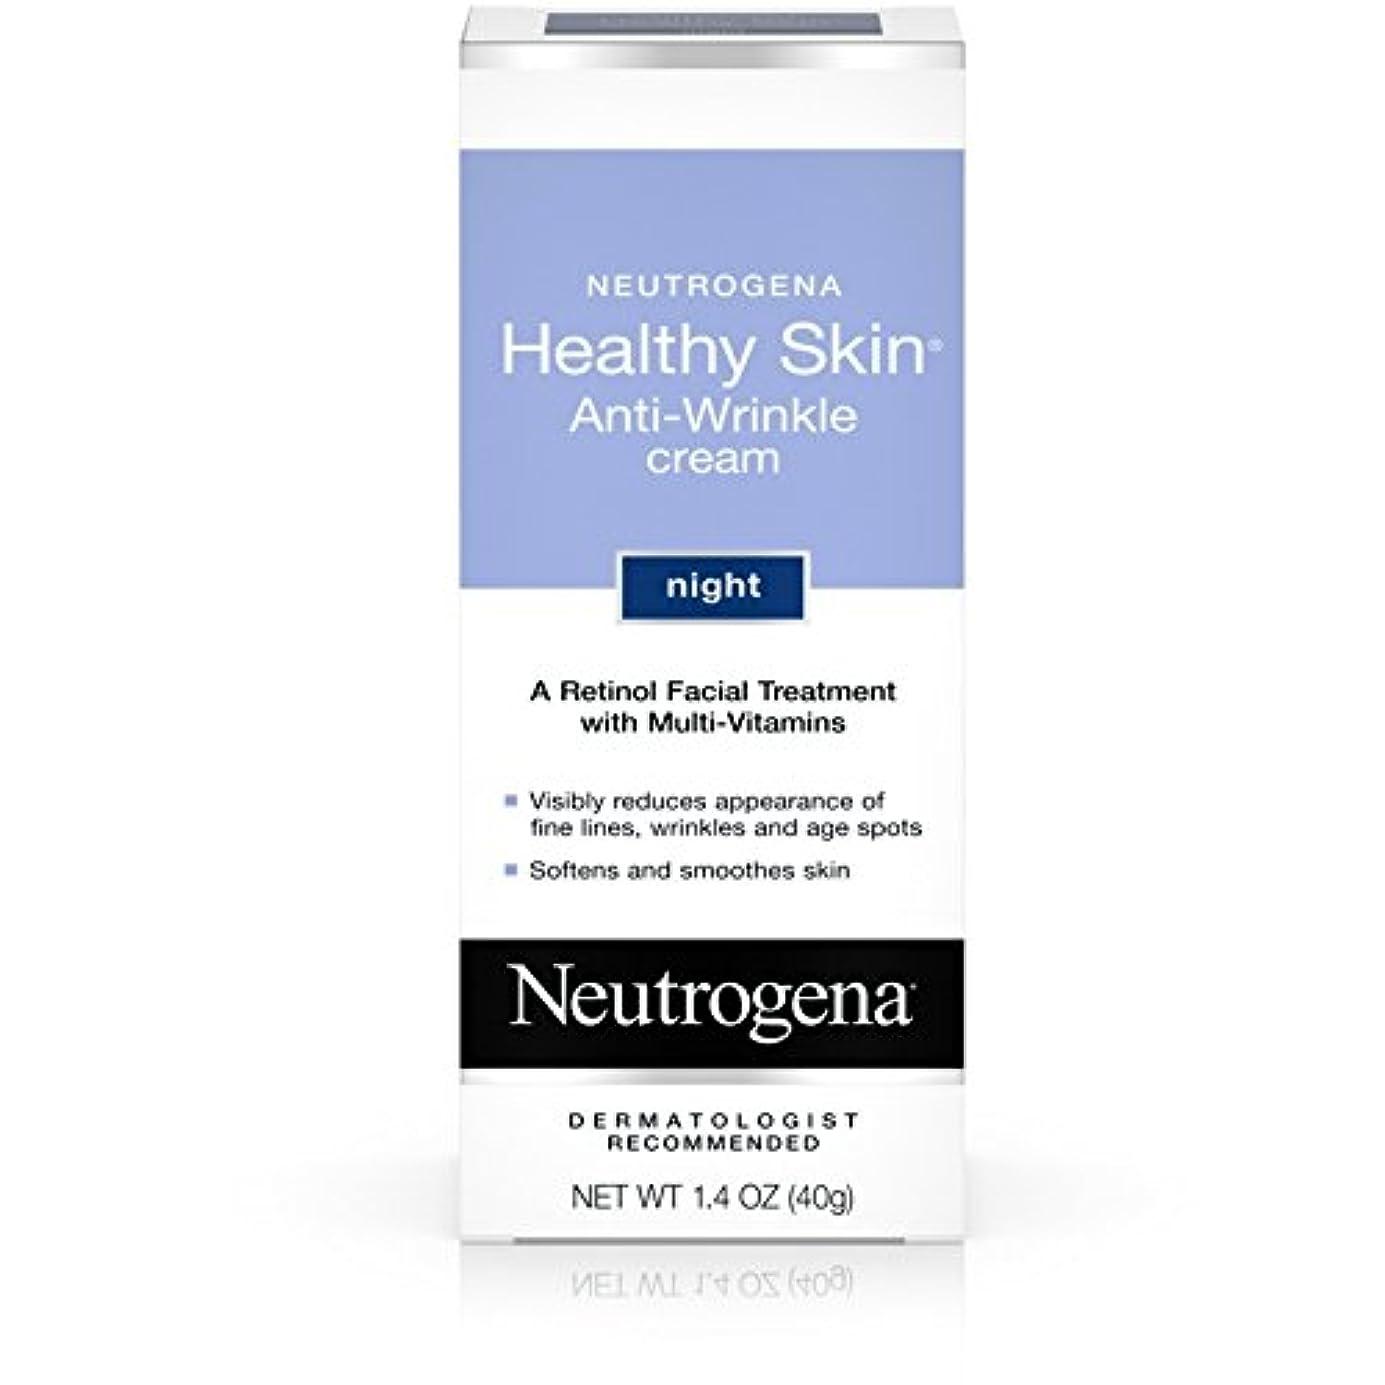 エンコミウムアイザック離れて海外直送肘 Neutrogena Healthy Skin Anti-Wrinkle Night Cream, 1.4 oz